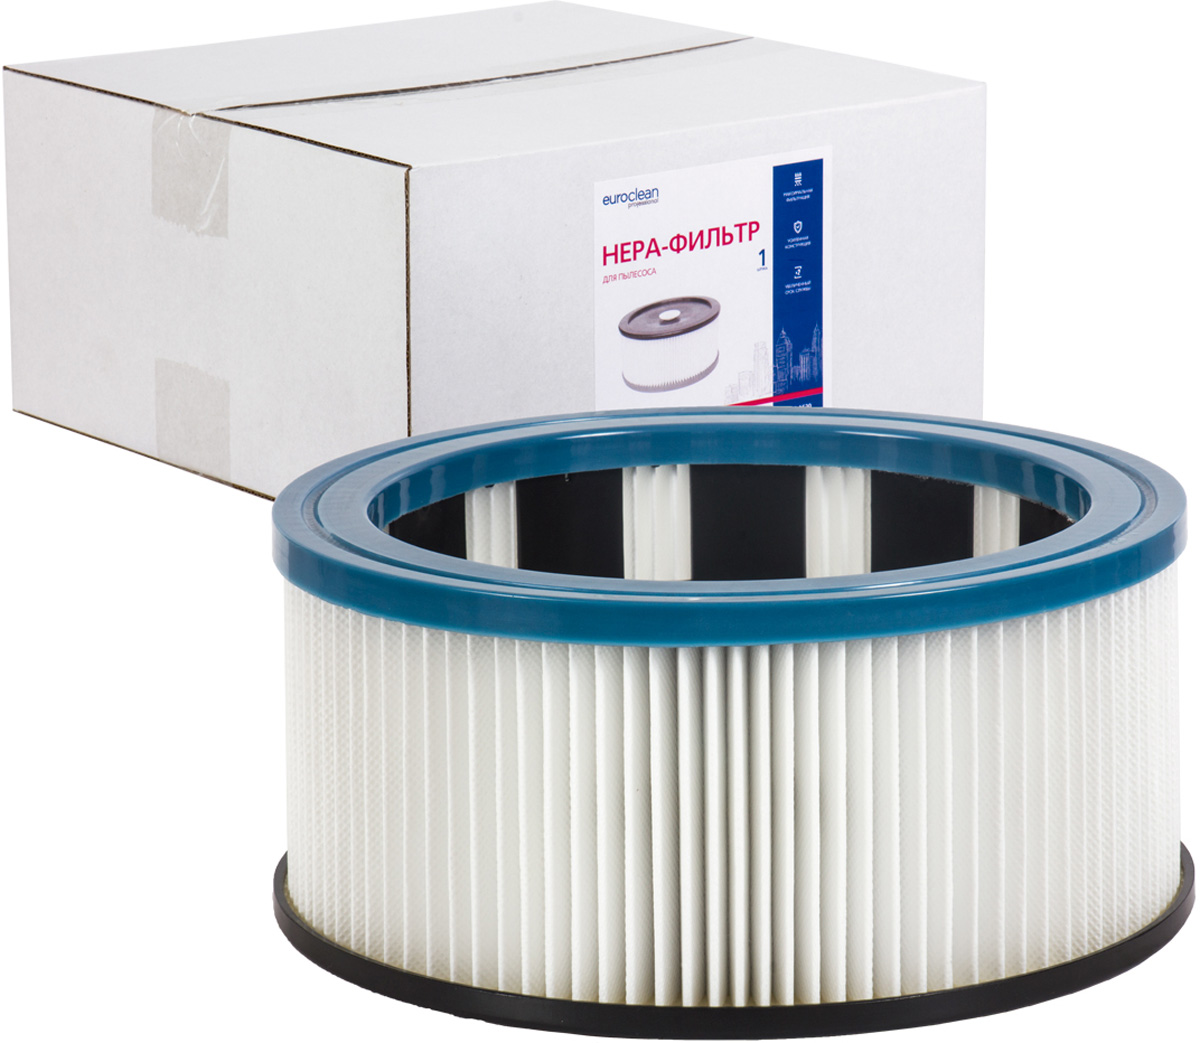 купить Euroclean FLSM-AS20 фильтр складчатый многоразовый моющийся для пылесосов Felisatti AS20/1200 по цене 1260 рублей